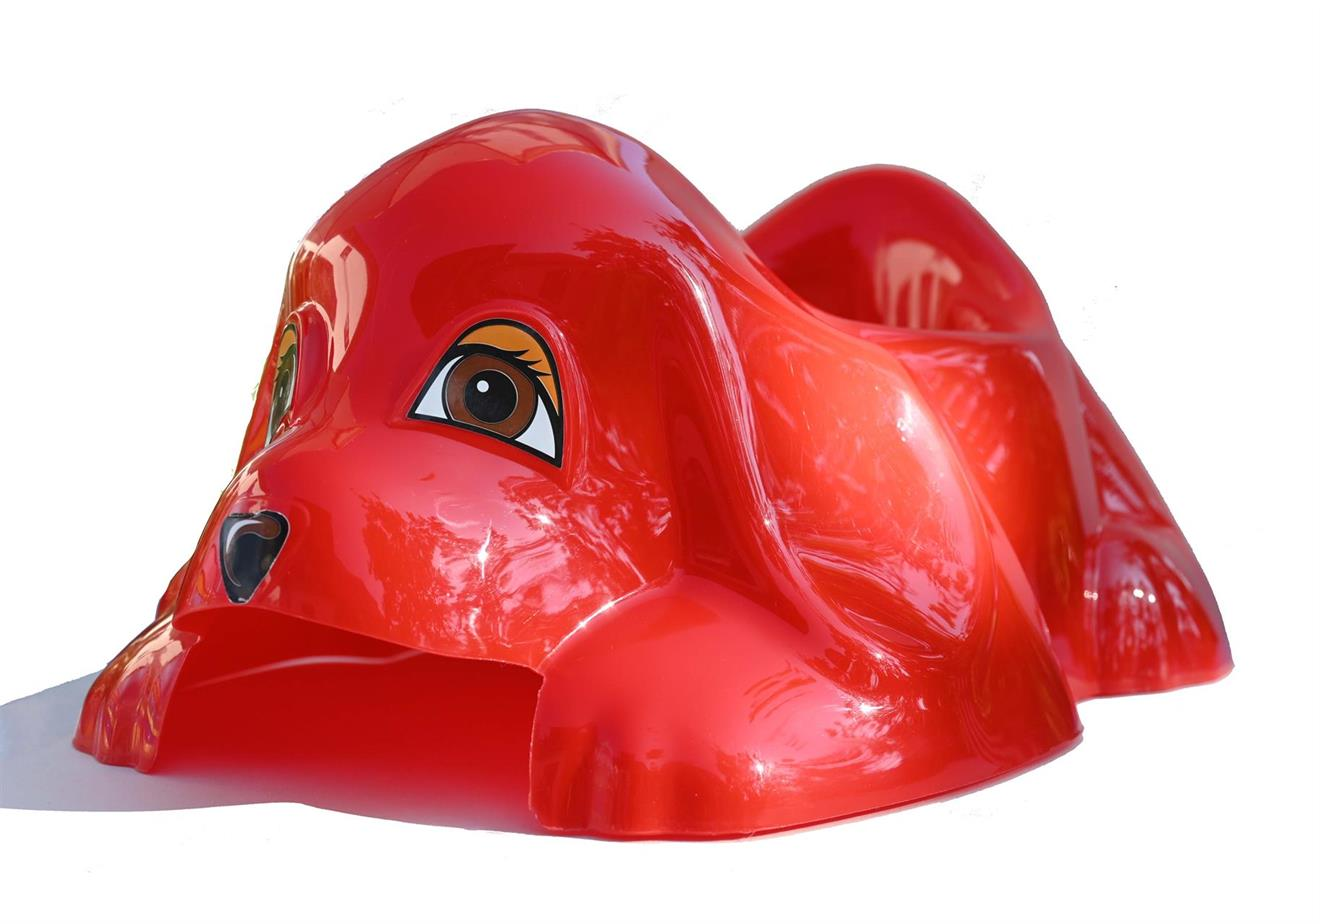 Hund, röd